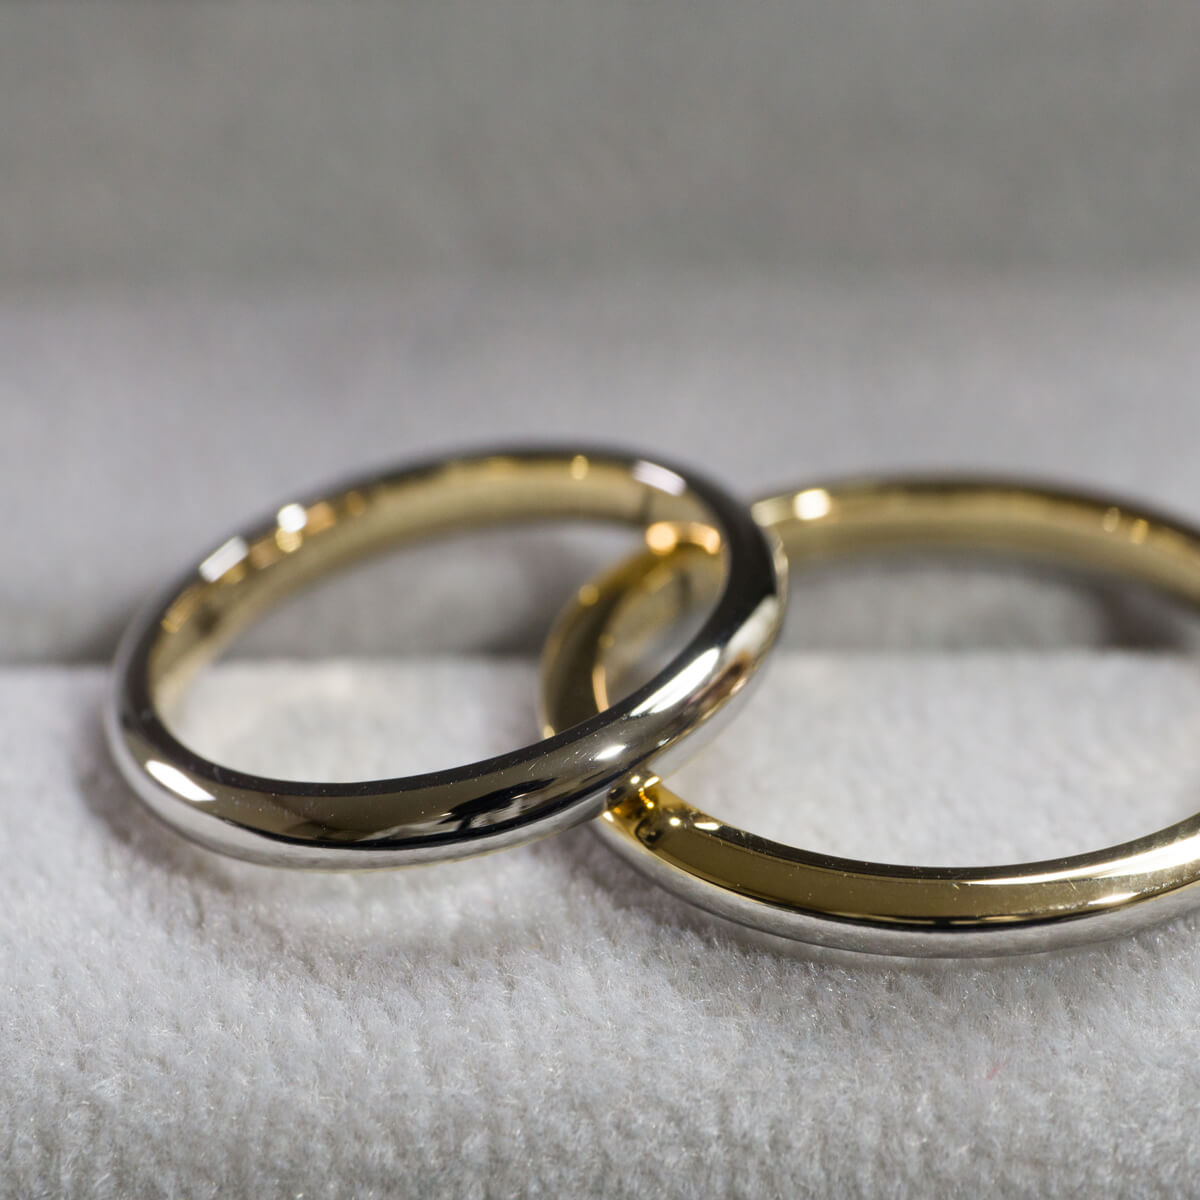 場面2 オーダーメイドマリッジリング ジュエリーのアトリエ ゴールド、プラチナ 屋久島でつくる結婚指輪